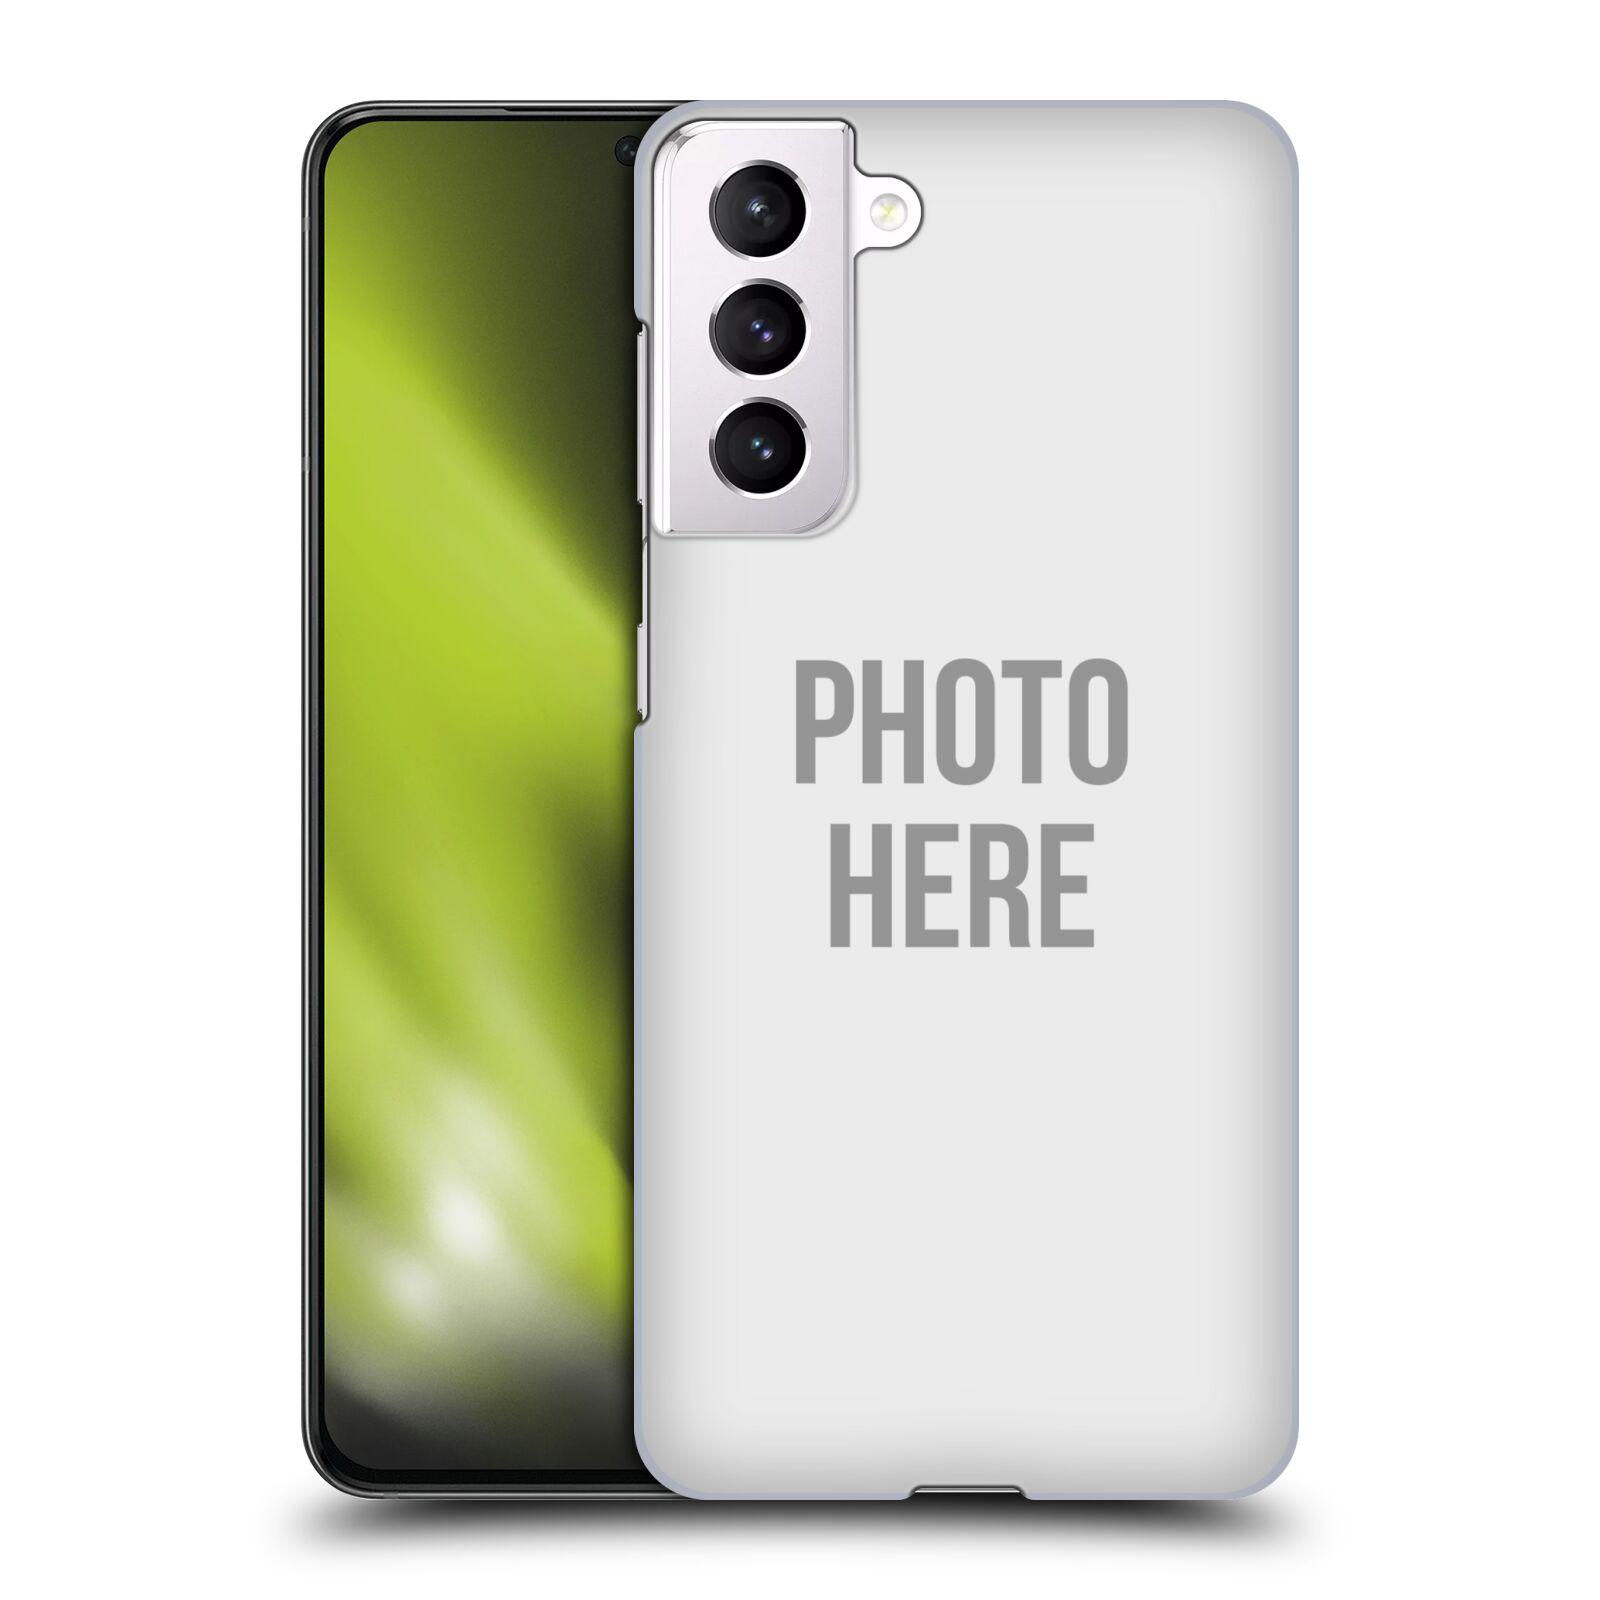 Plastové pouzdro na mobil Samsung Galaxy S21 5G s vlastním motivem